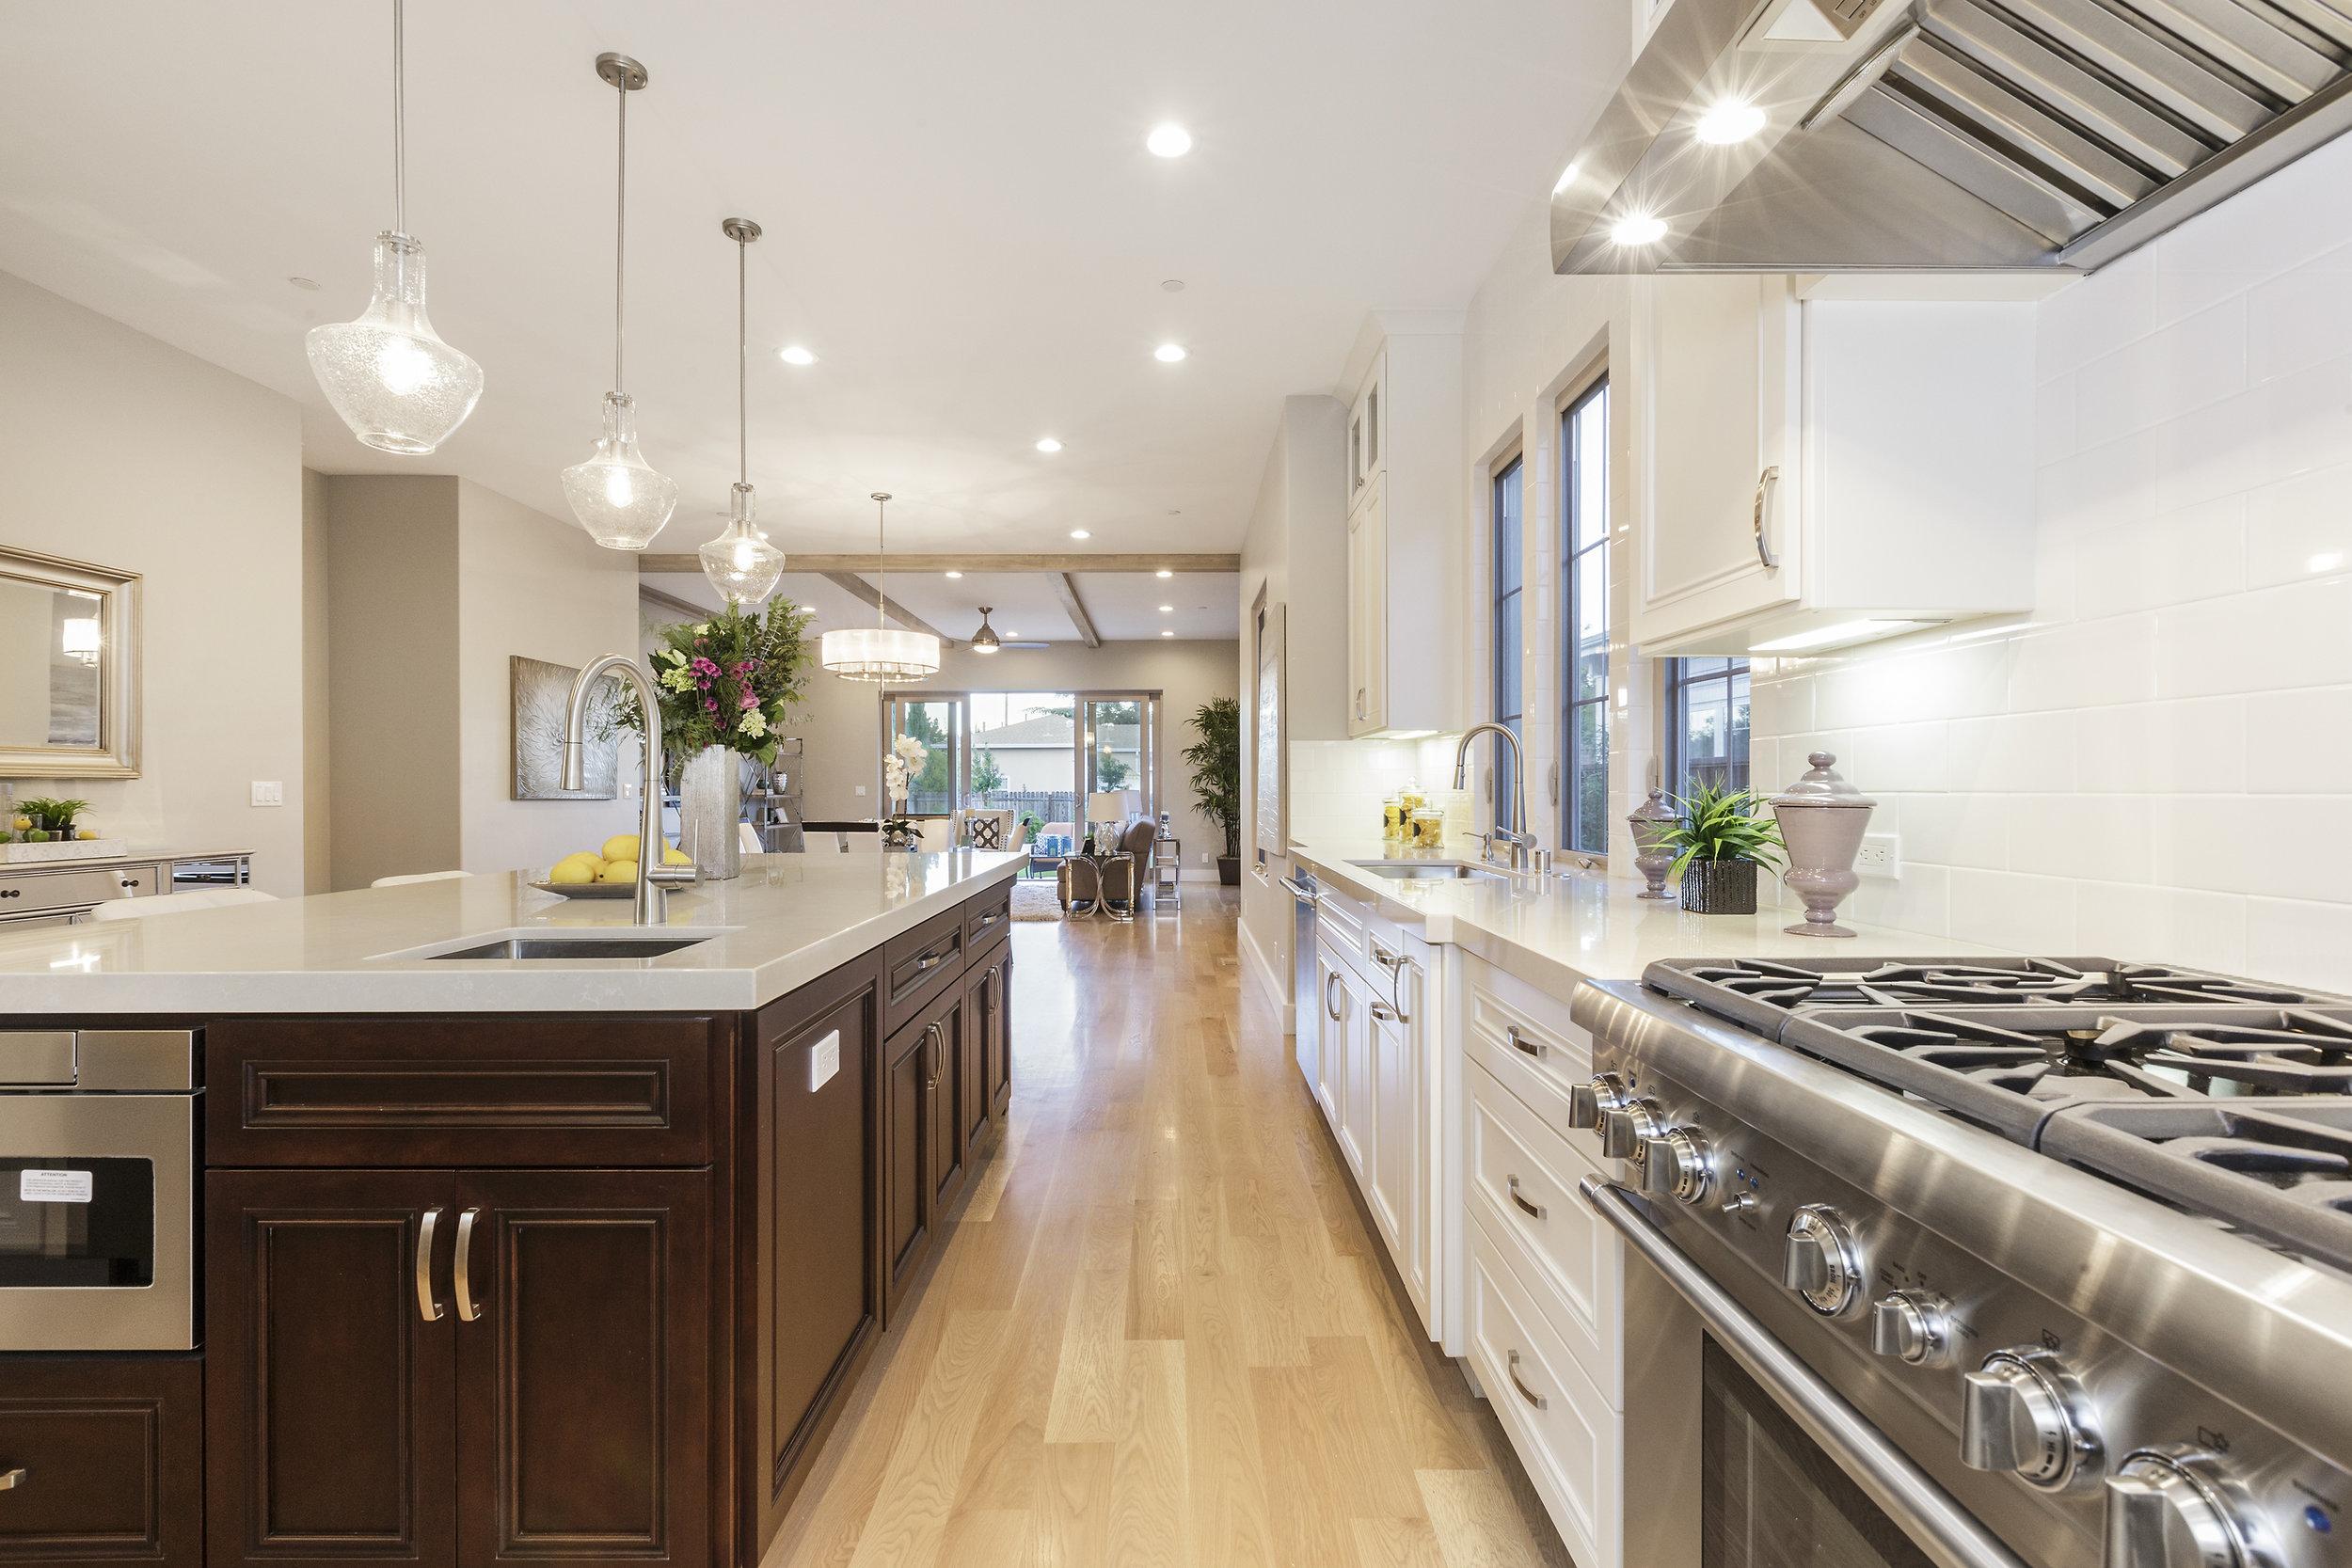 011-21825-Lomita-kitchen-high-res.jpg